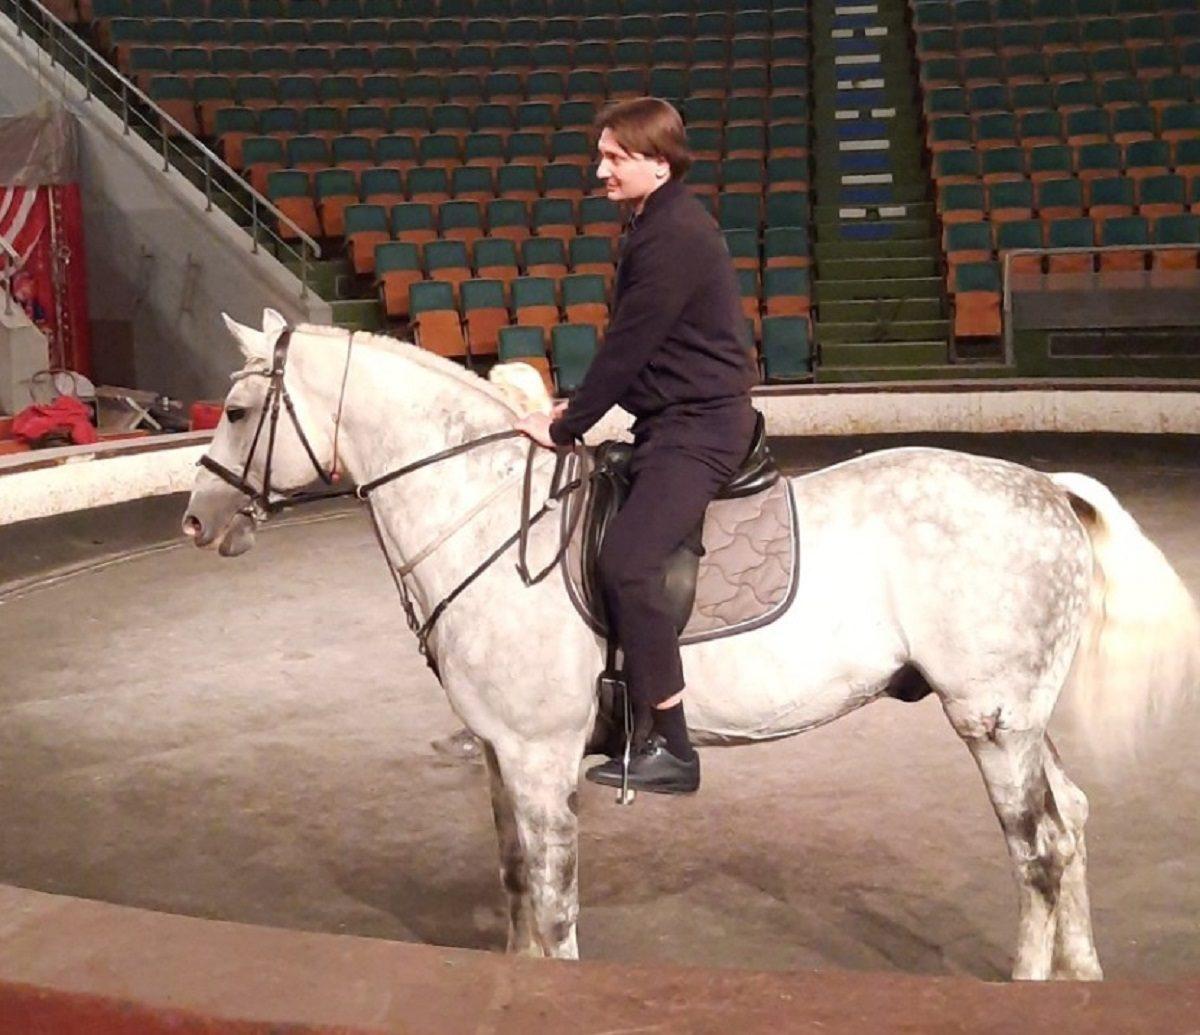 Эдгард Запашный исполнил трюк с лошадьми в нижегородском цирке